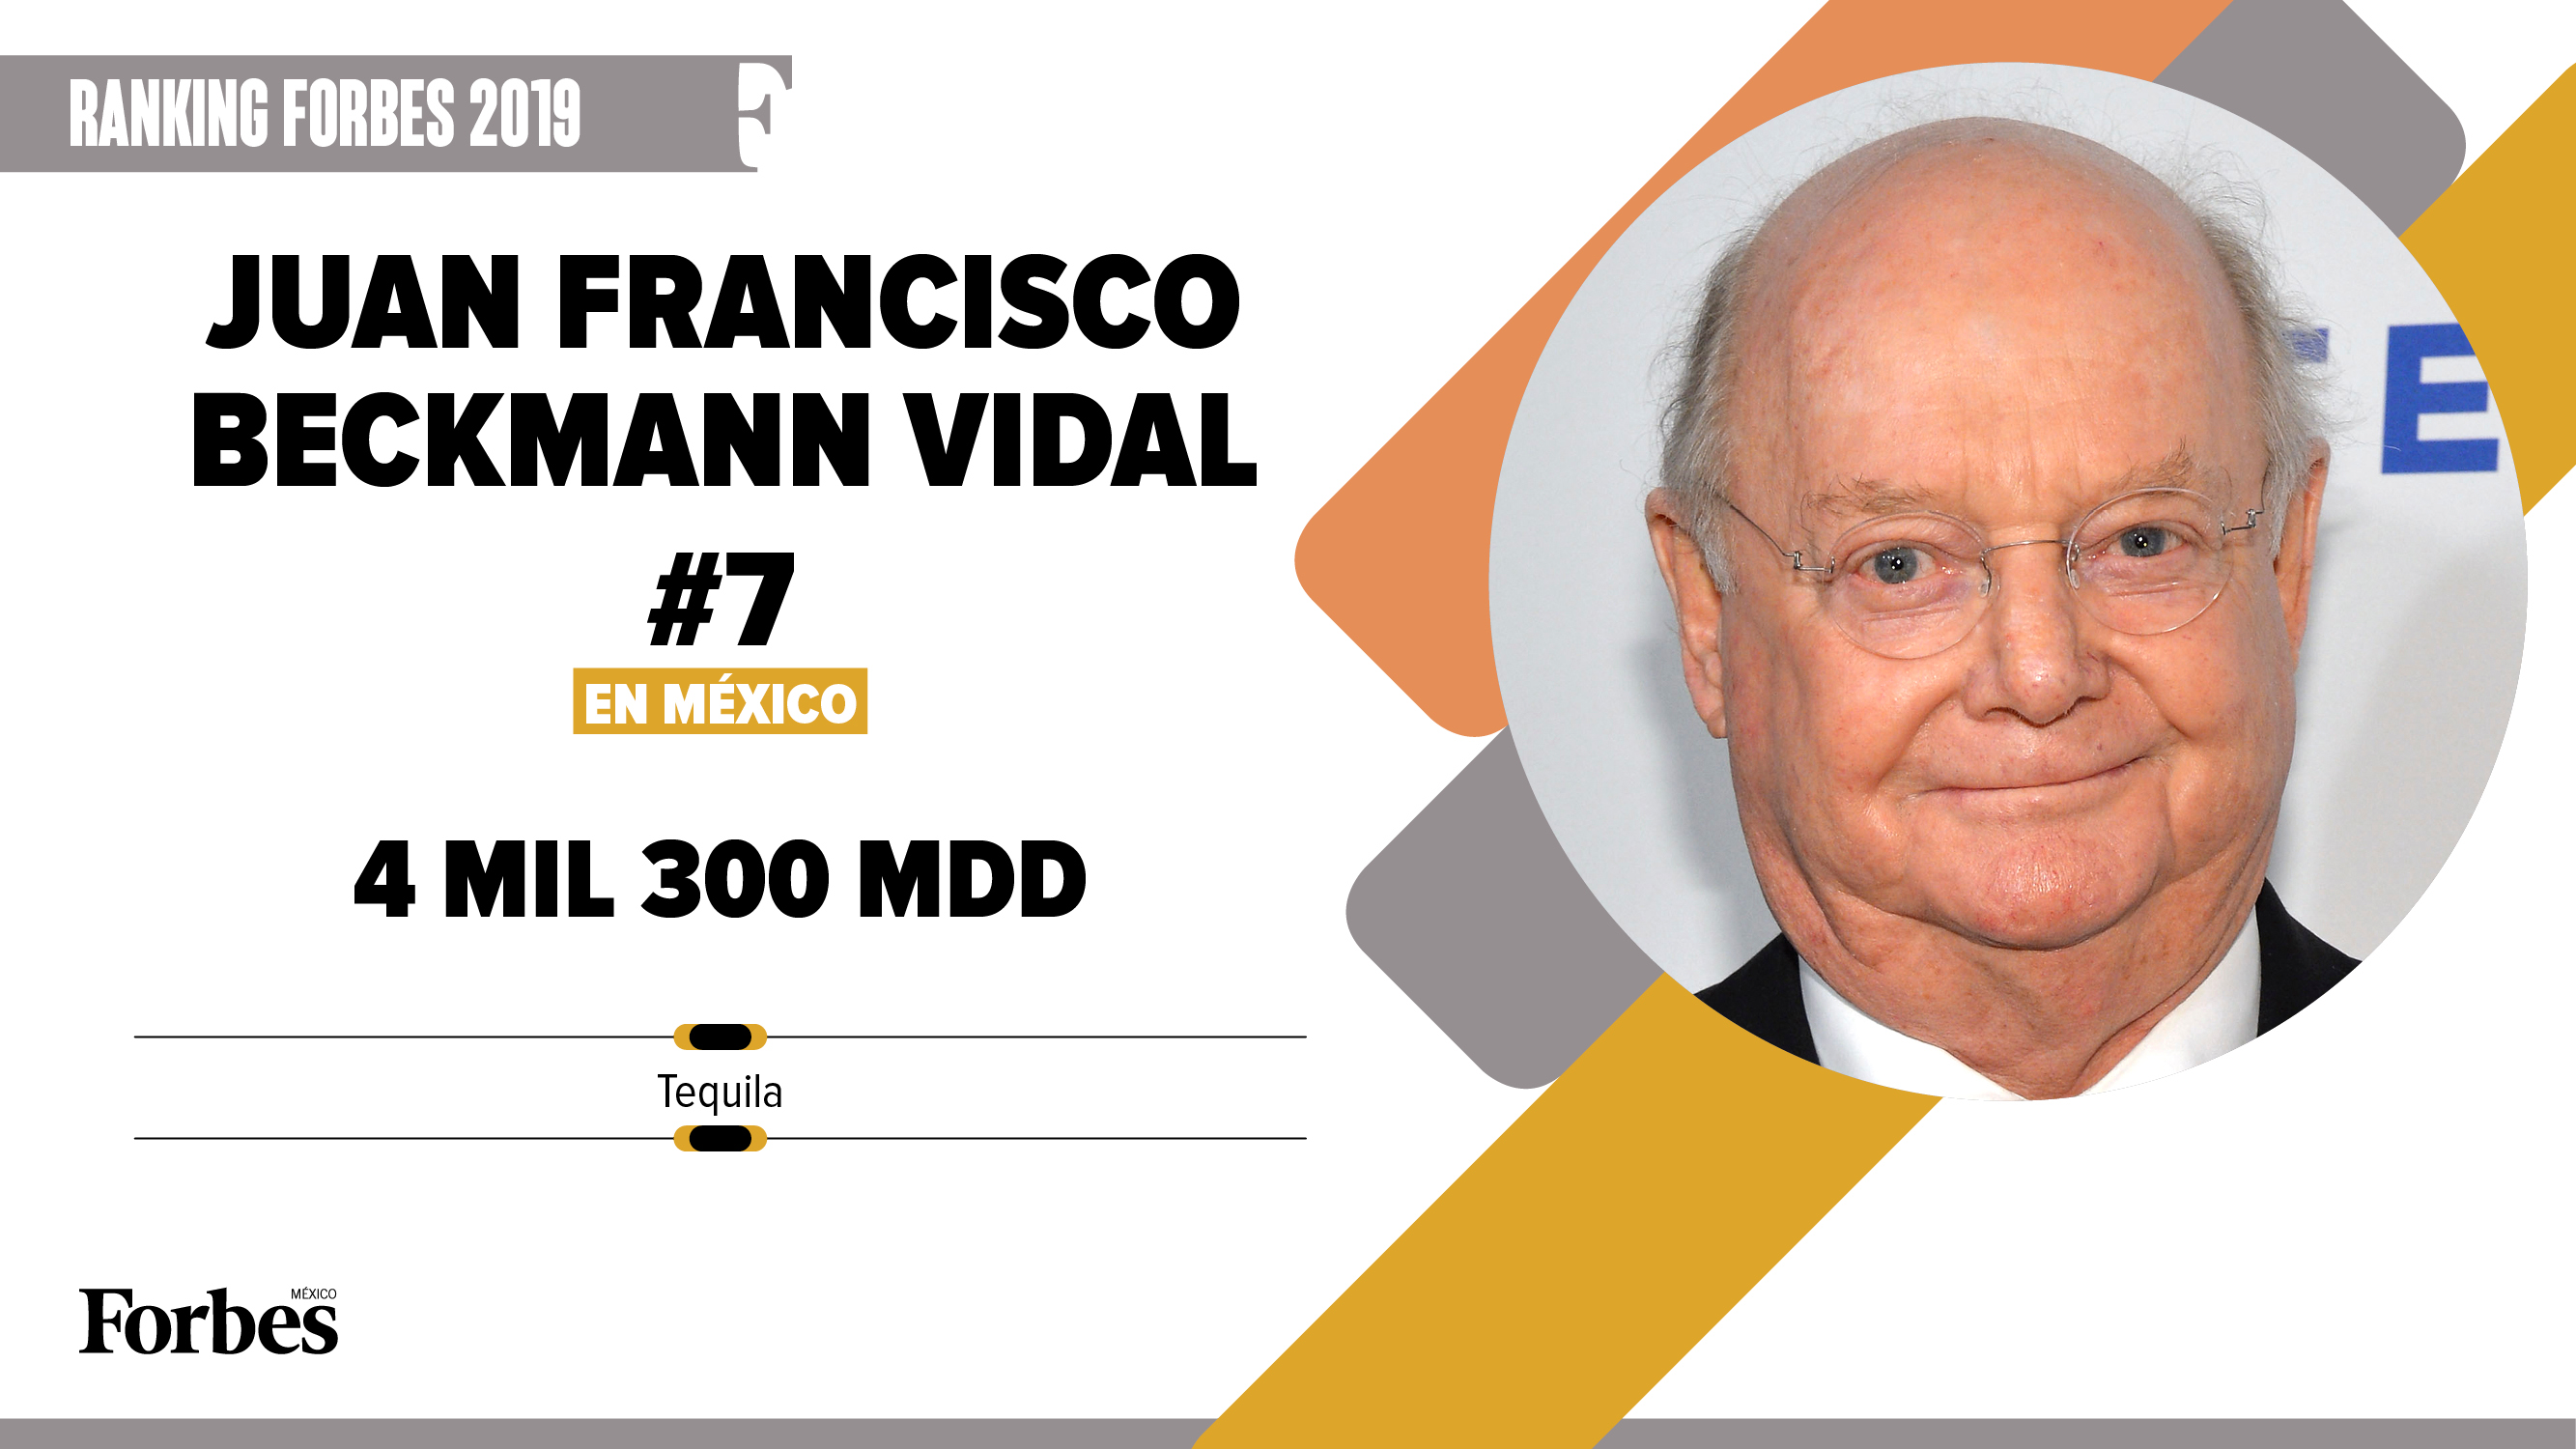 Billionaires 2019 | Juan Francisco Beckmann Vidal, tequila y algo más